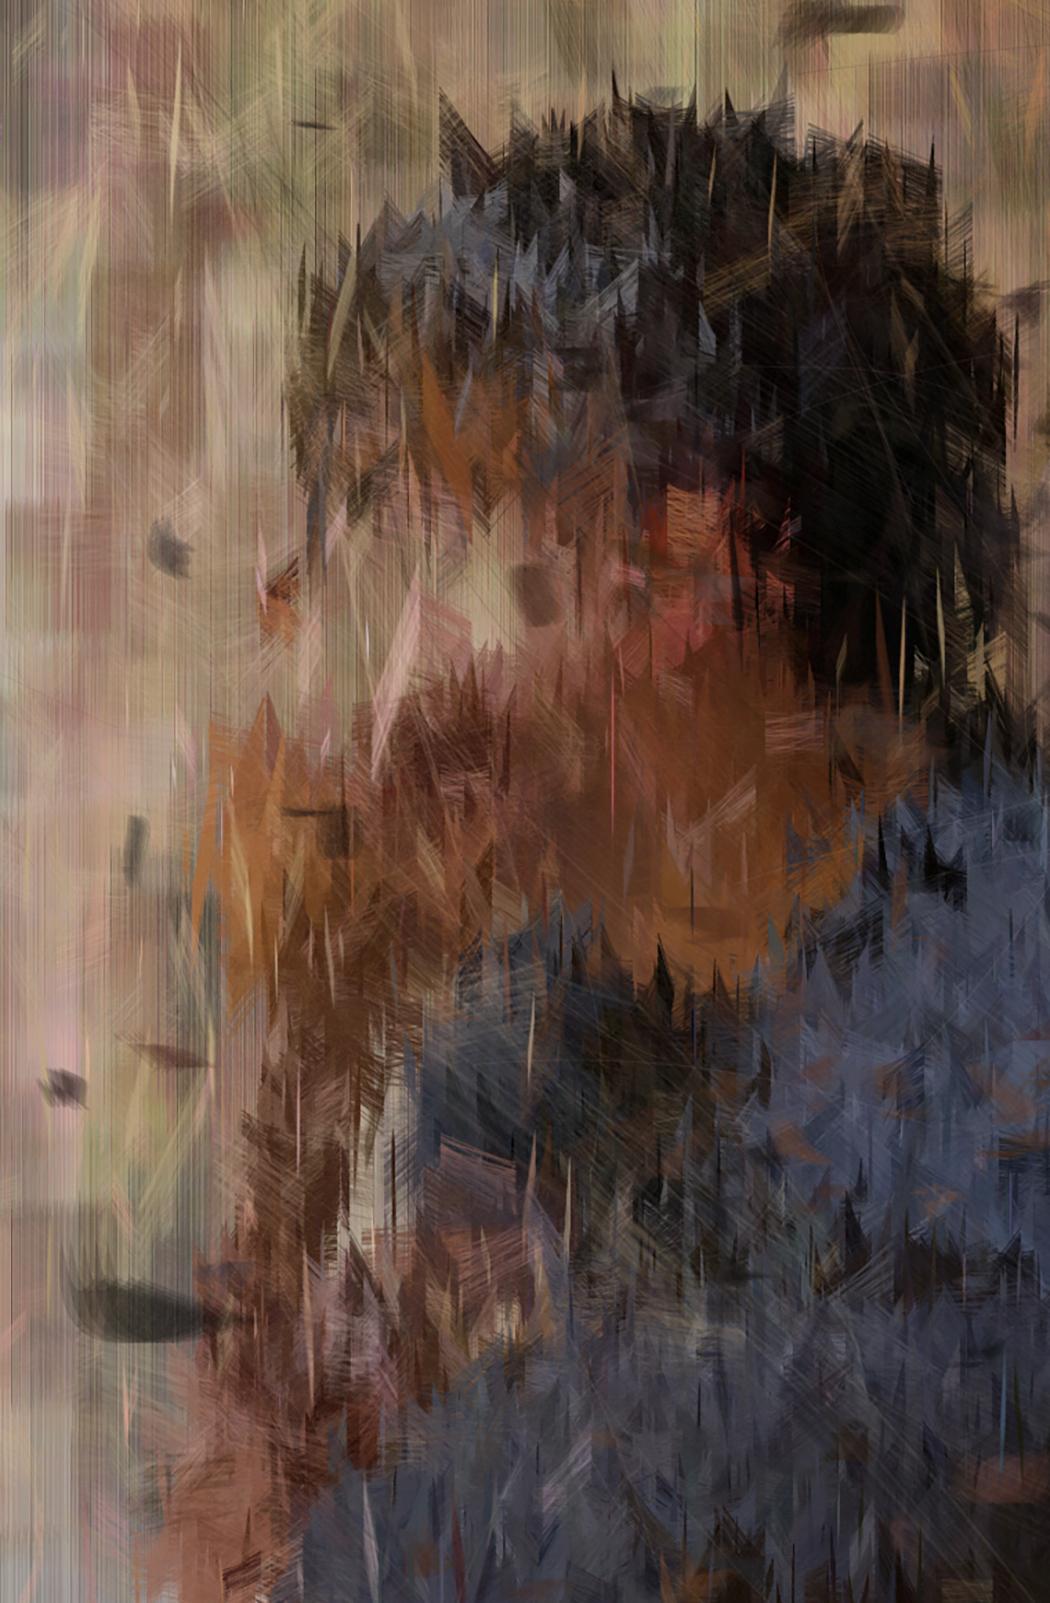 Alexa Mahajan, Image Processing